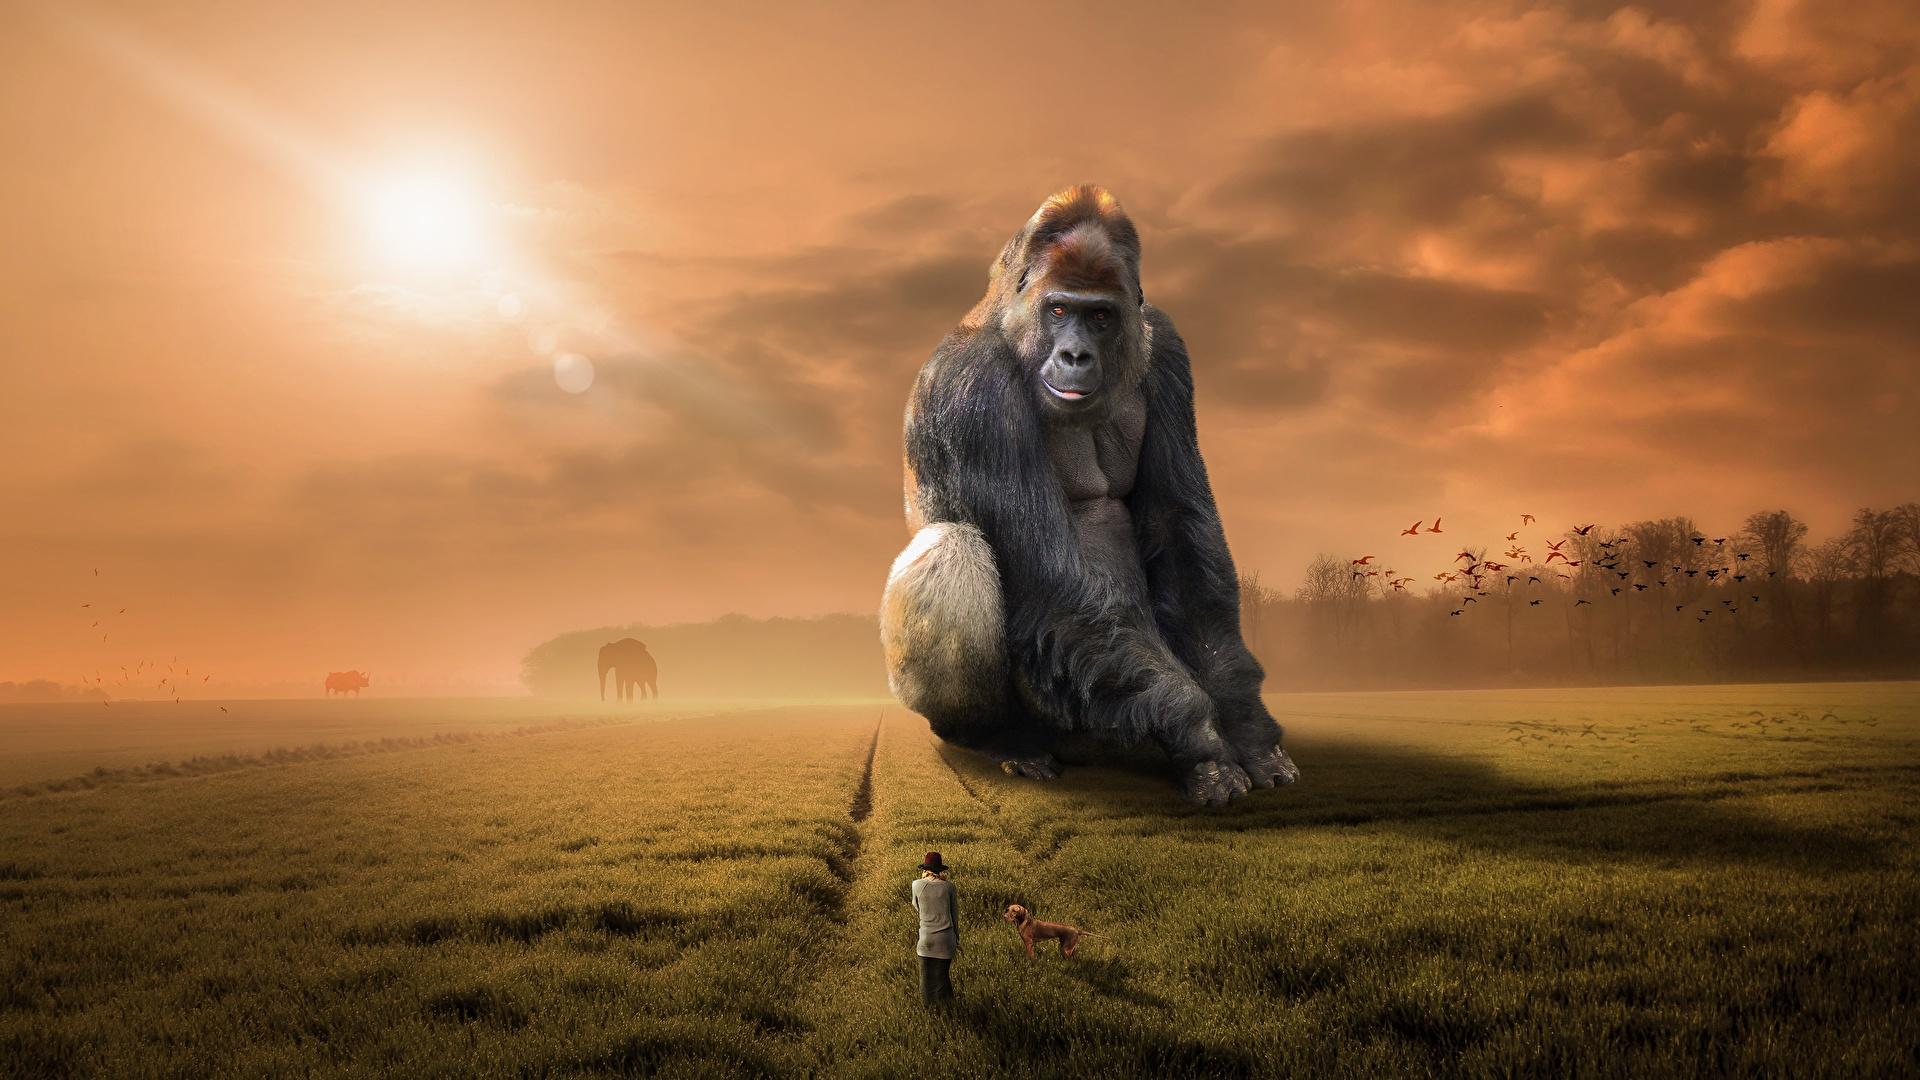 Fotos von Affen Fantasy Felder Gras sitzt ein Tier 1920x1080 Acker sitzen Sitzend Tiere